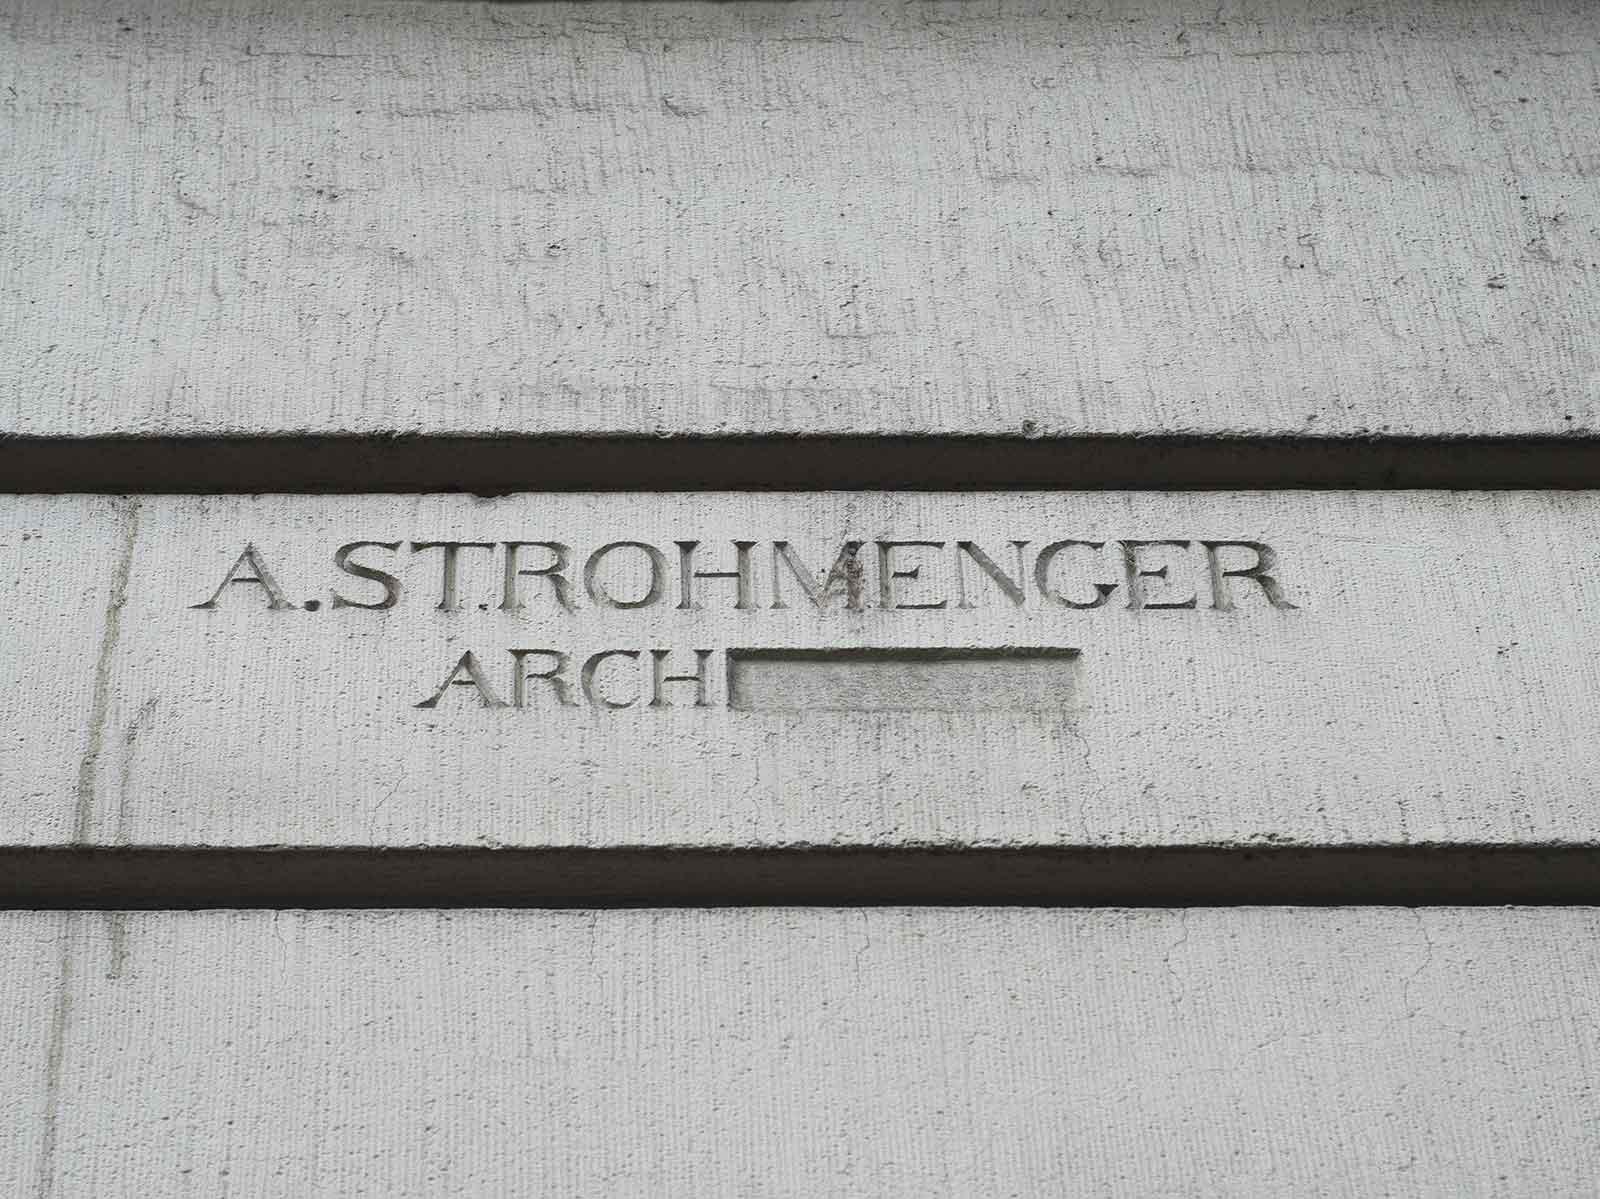 A-Strohmenger-Arch-